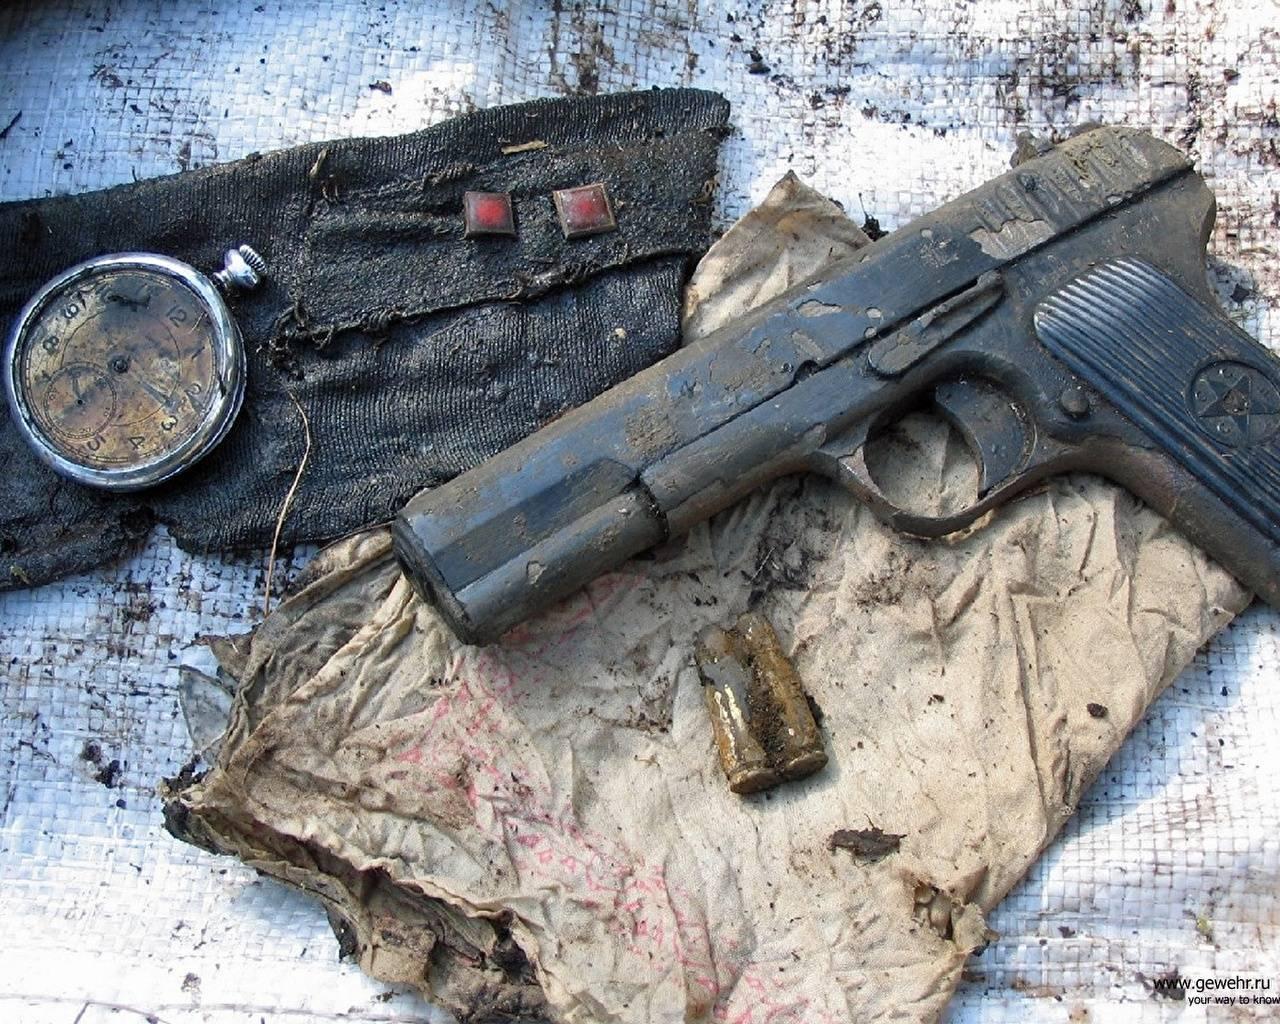 Пистолет тт. фото. видео. ттх. размеры. скорострельность. скорость пули. прицельная дальность. вес